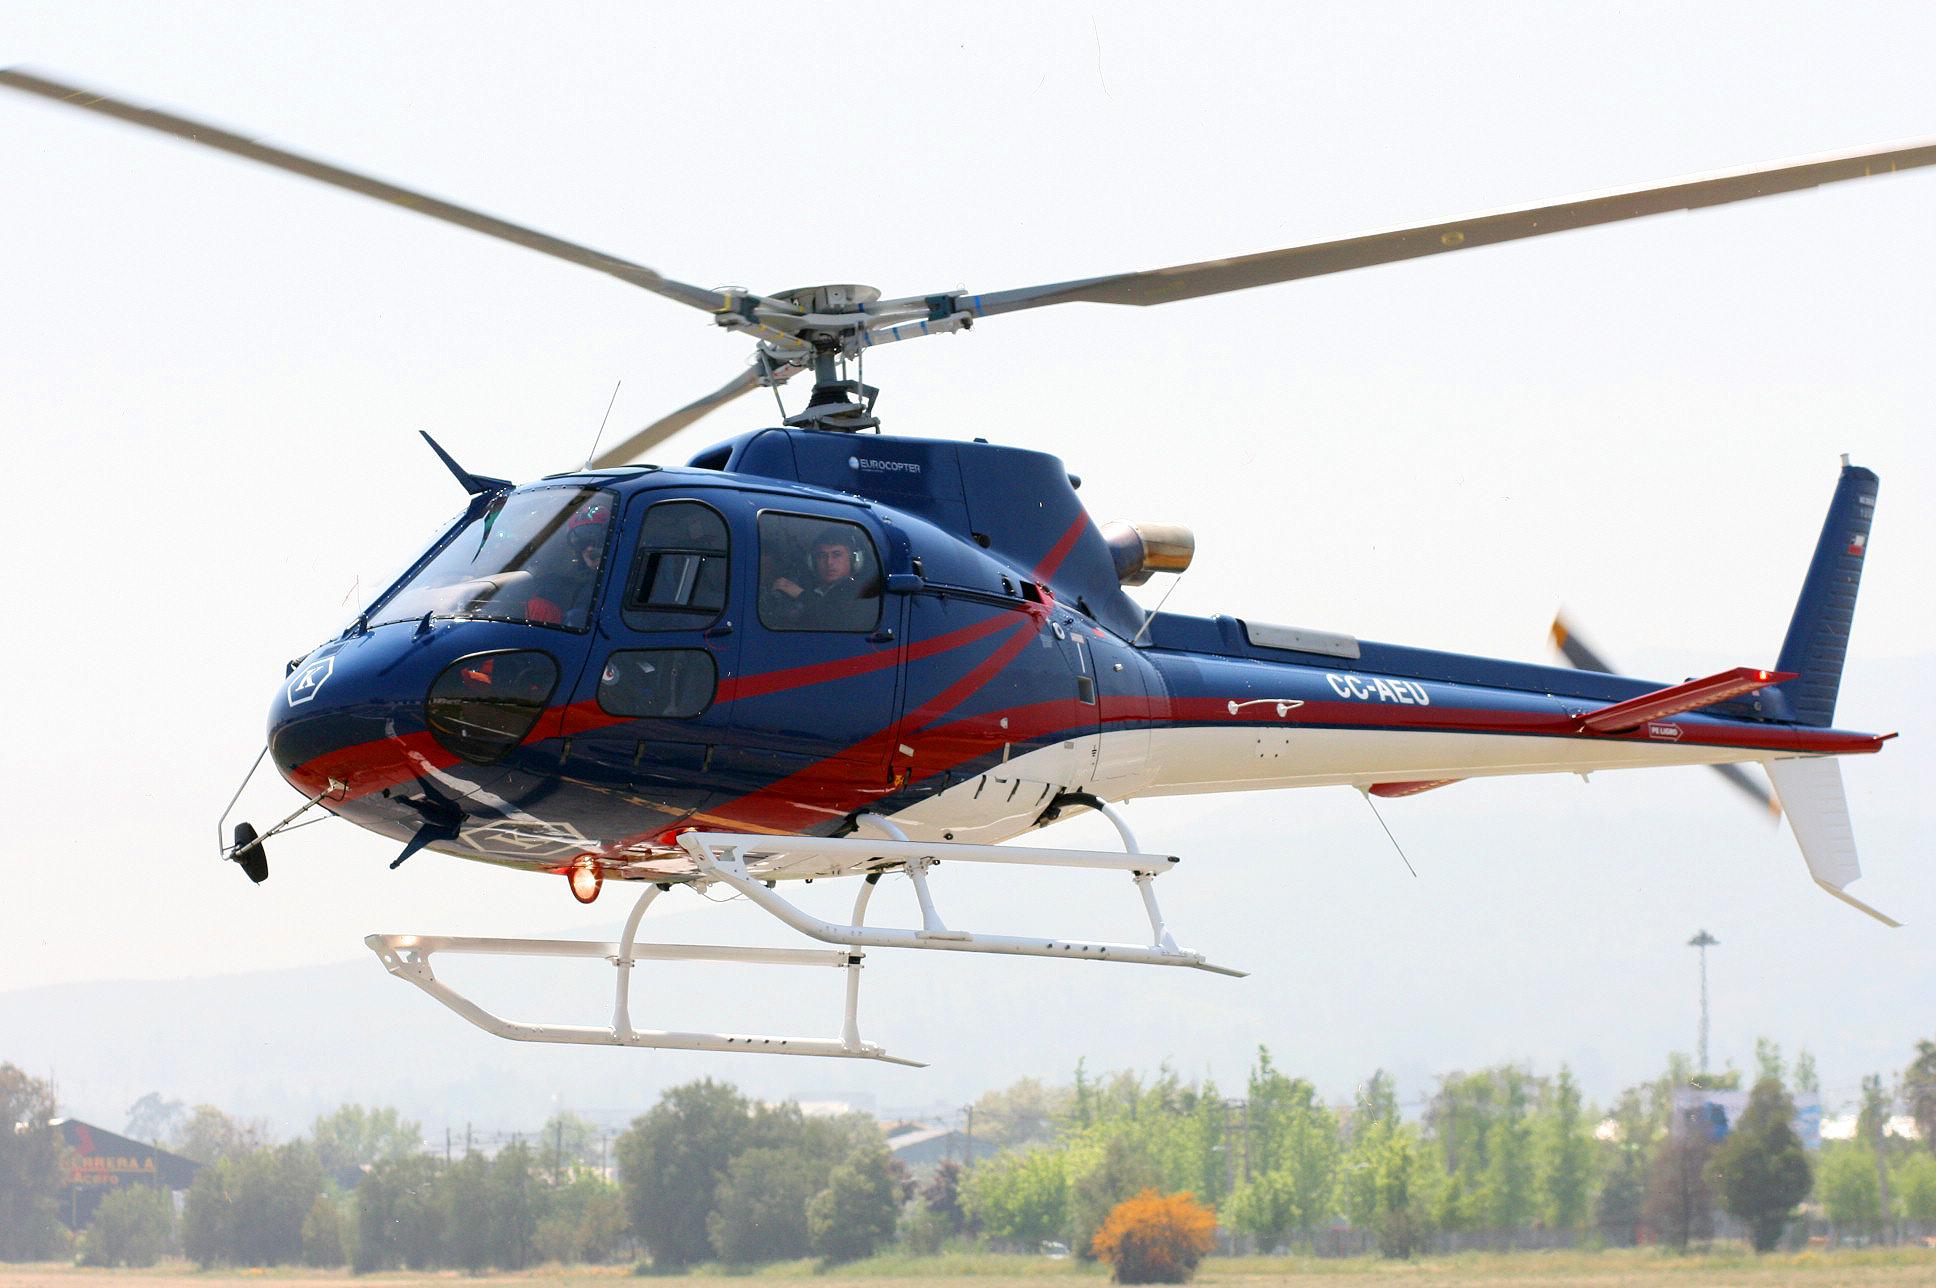 AS350B3 foto 401 1 - Горнолыжные курорты Франции: сколько стоит долететь туда на вертолете